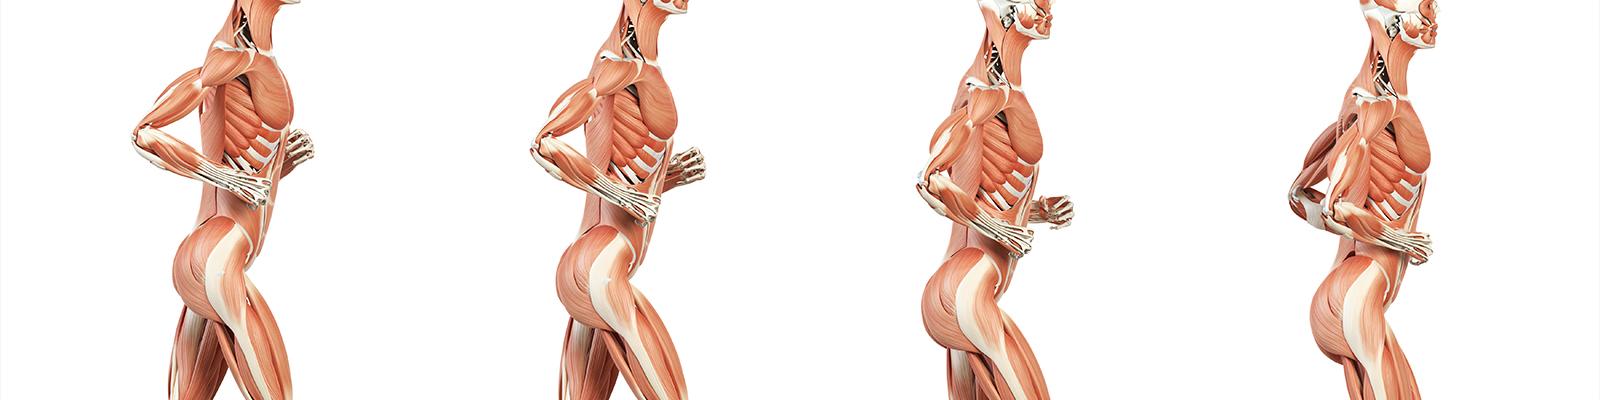 Componentes y estructuras musculares